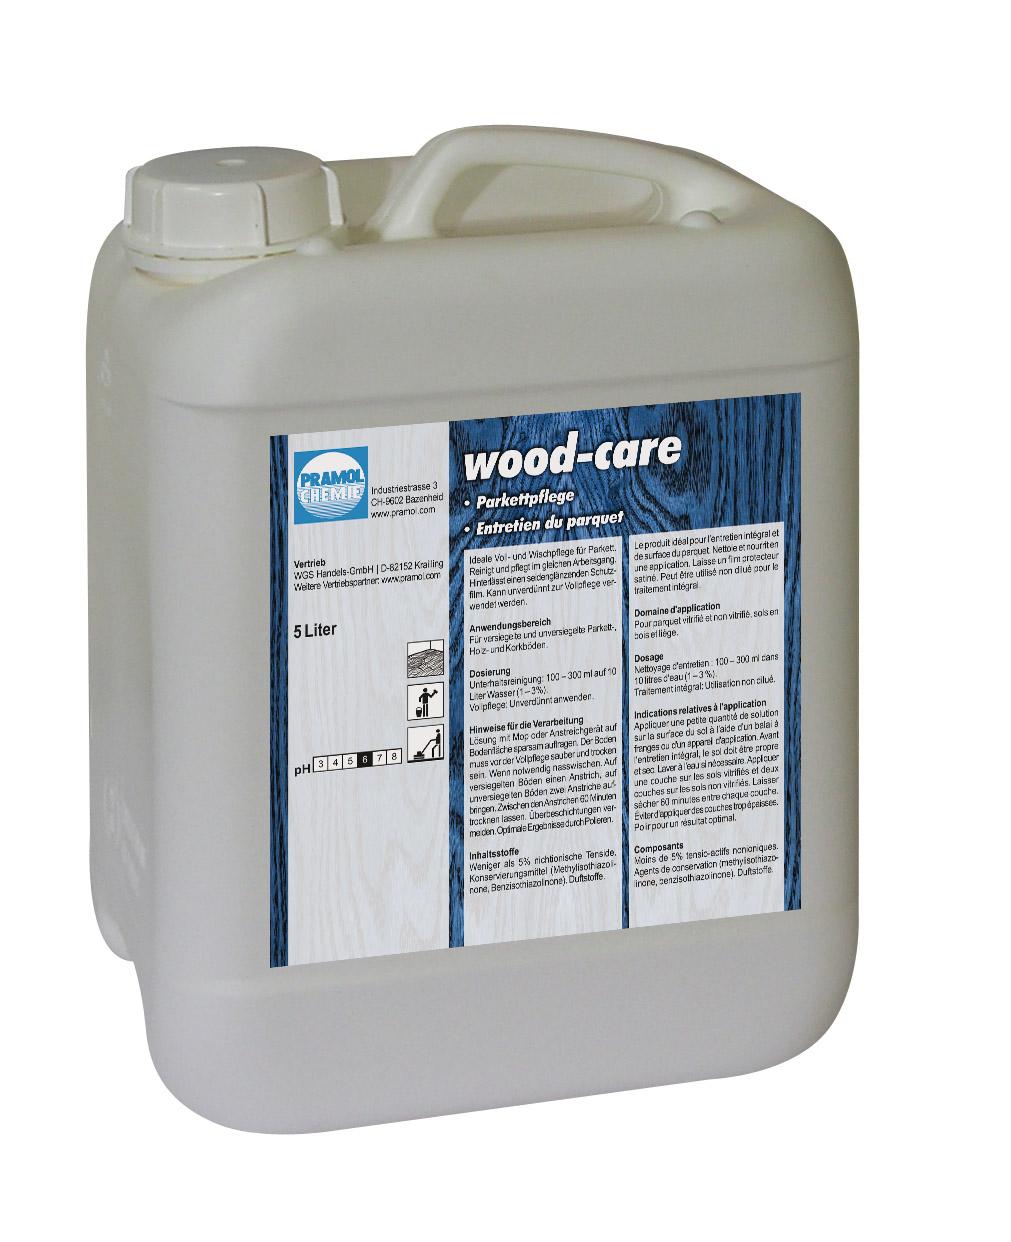 Pramol wood-care, Parkettpflege, Wischpflege mit Wachsanteilen für Parkett, weiß, 5 Liter